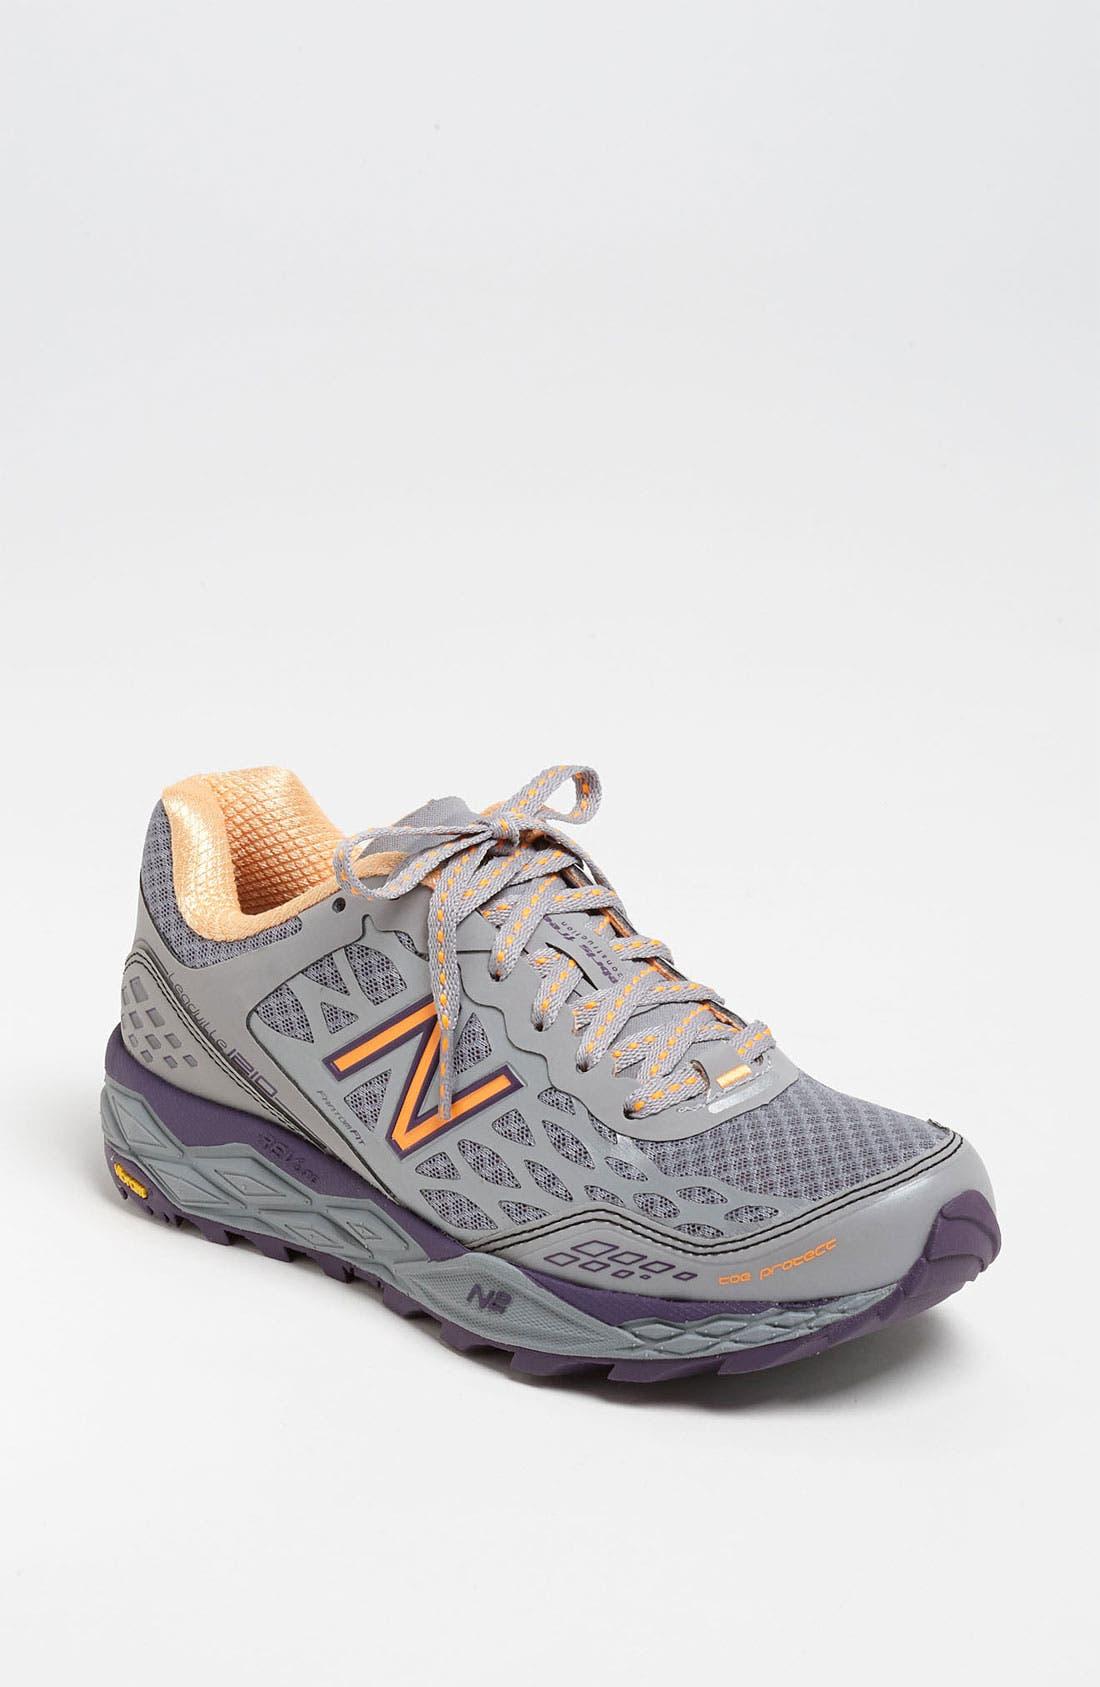 Alternate Image 1 Selected - New Balance 'Leadville 1210 V1' Trail Running Shoe (Women)